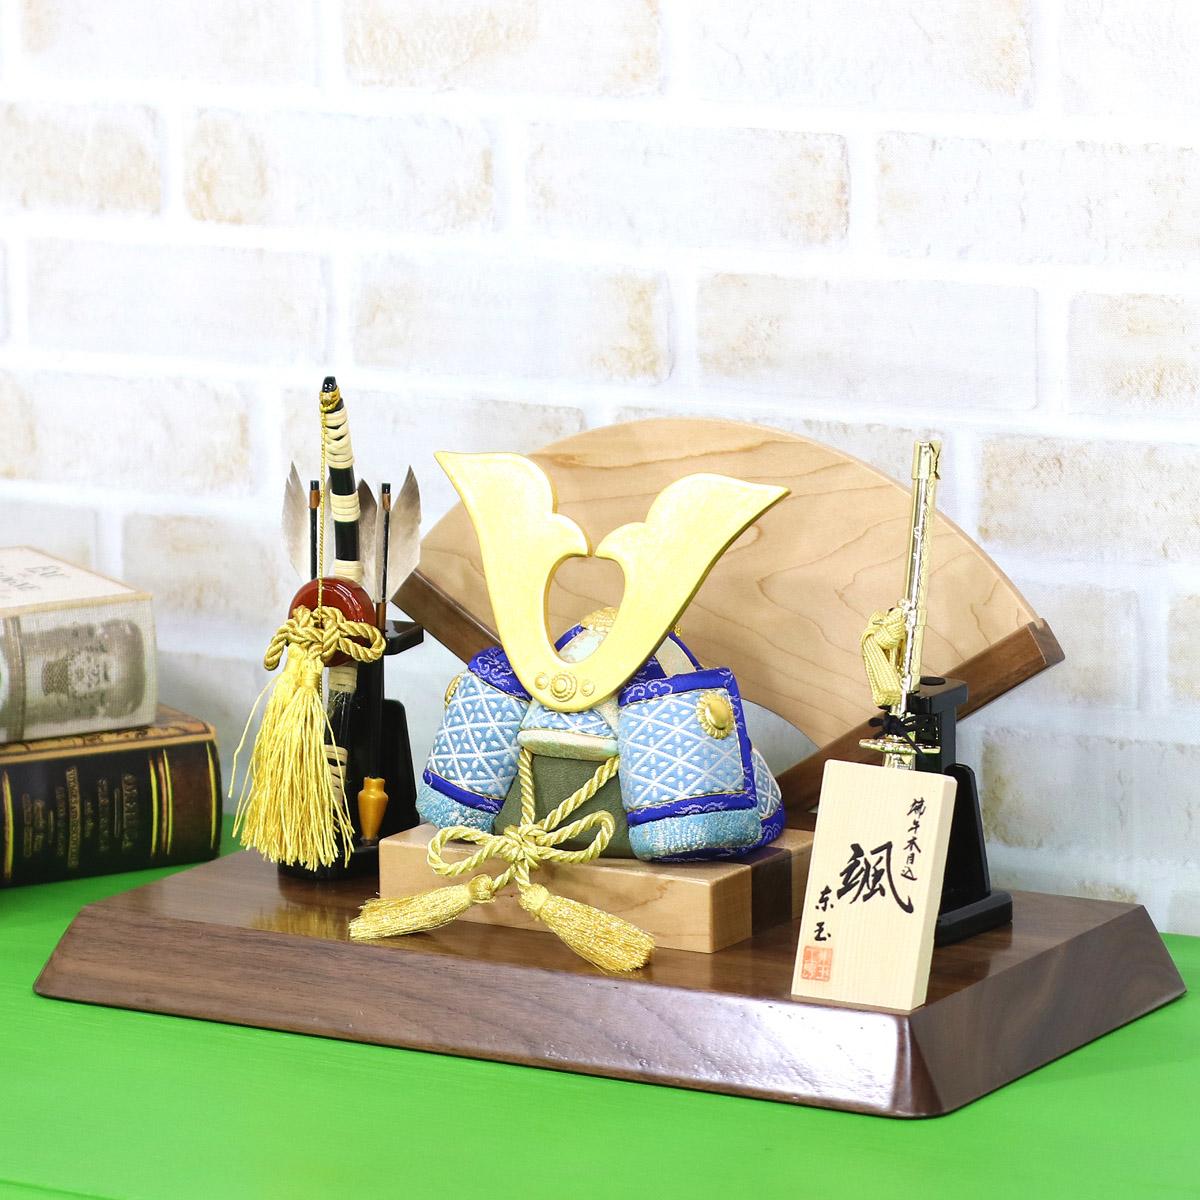 五月人形 東玉 木目込み 兜飾り 颯シリーズ 「青」 高級木材使用 扇型屏風 飾り台セット ≪GOTG-NO12-W13≫コンパクト おしゃれ 五月人形 兜 木目込み飾り